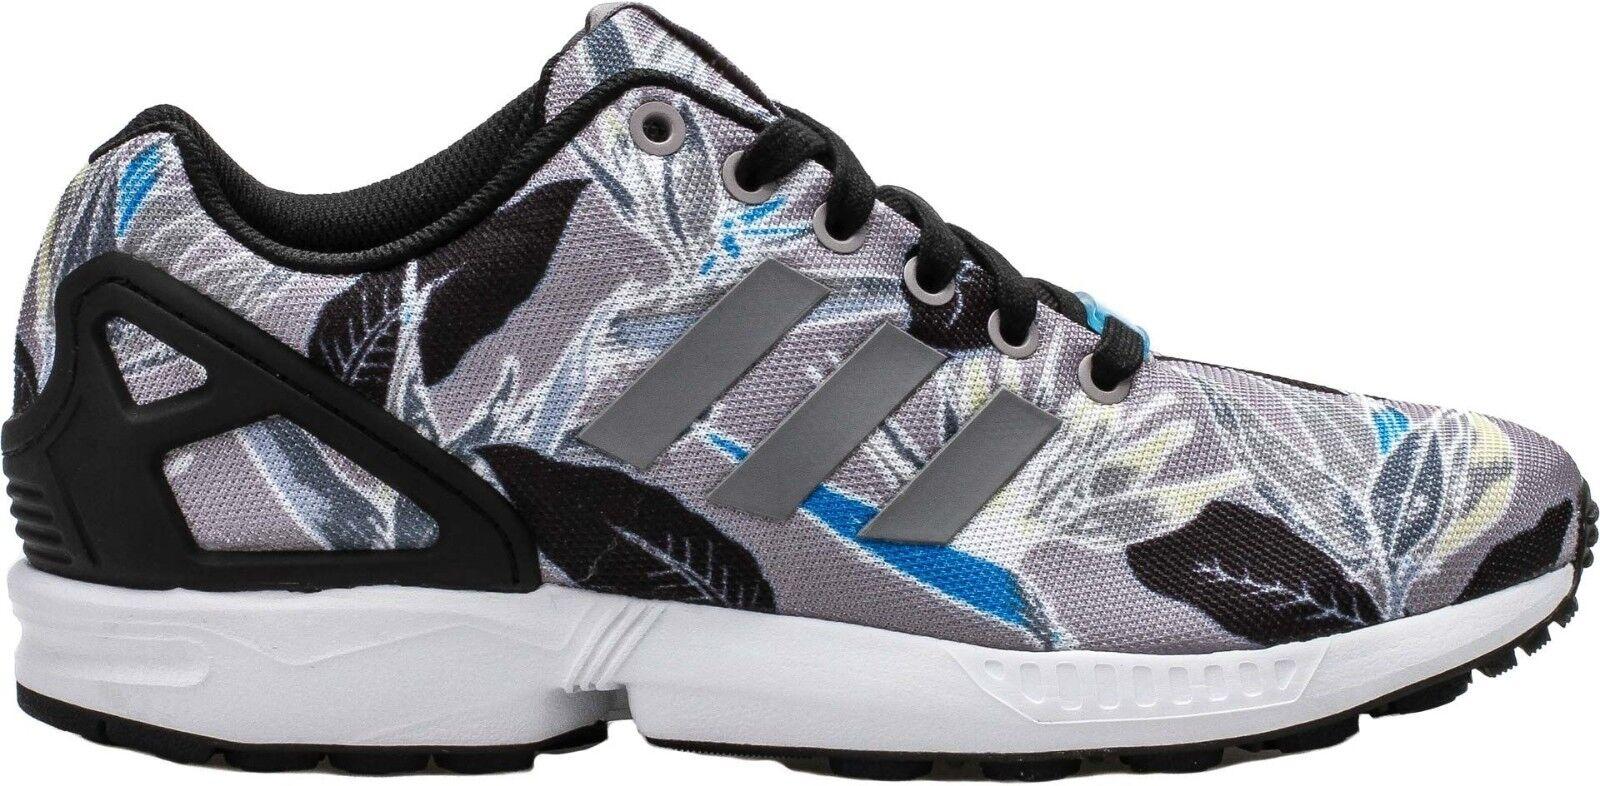 Adidas Original Men's ZX FLUX Shoes NEW AUTHENTIC Light Onyx/White/Floral B34519